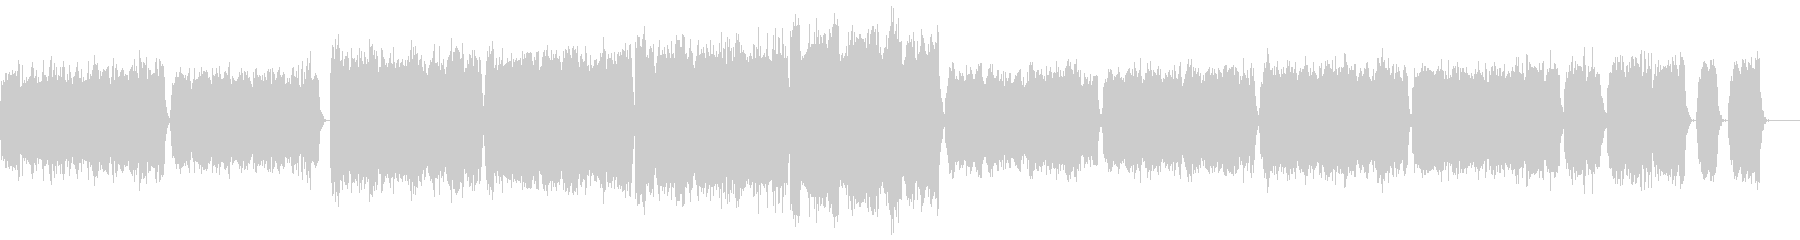 『ペール・ギュント』第1組曲より第二曲の未再生の波形